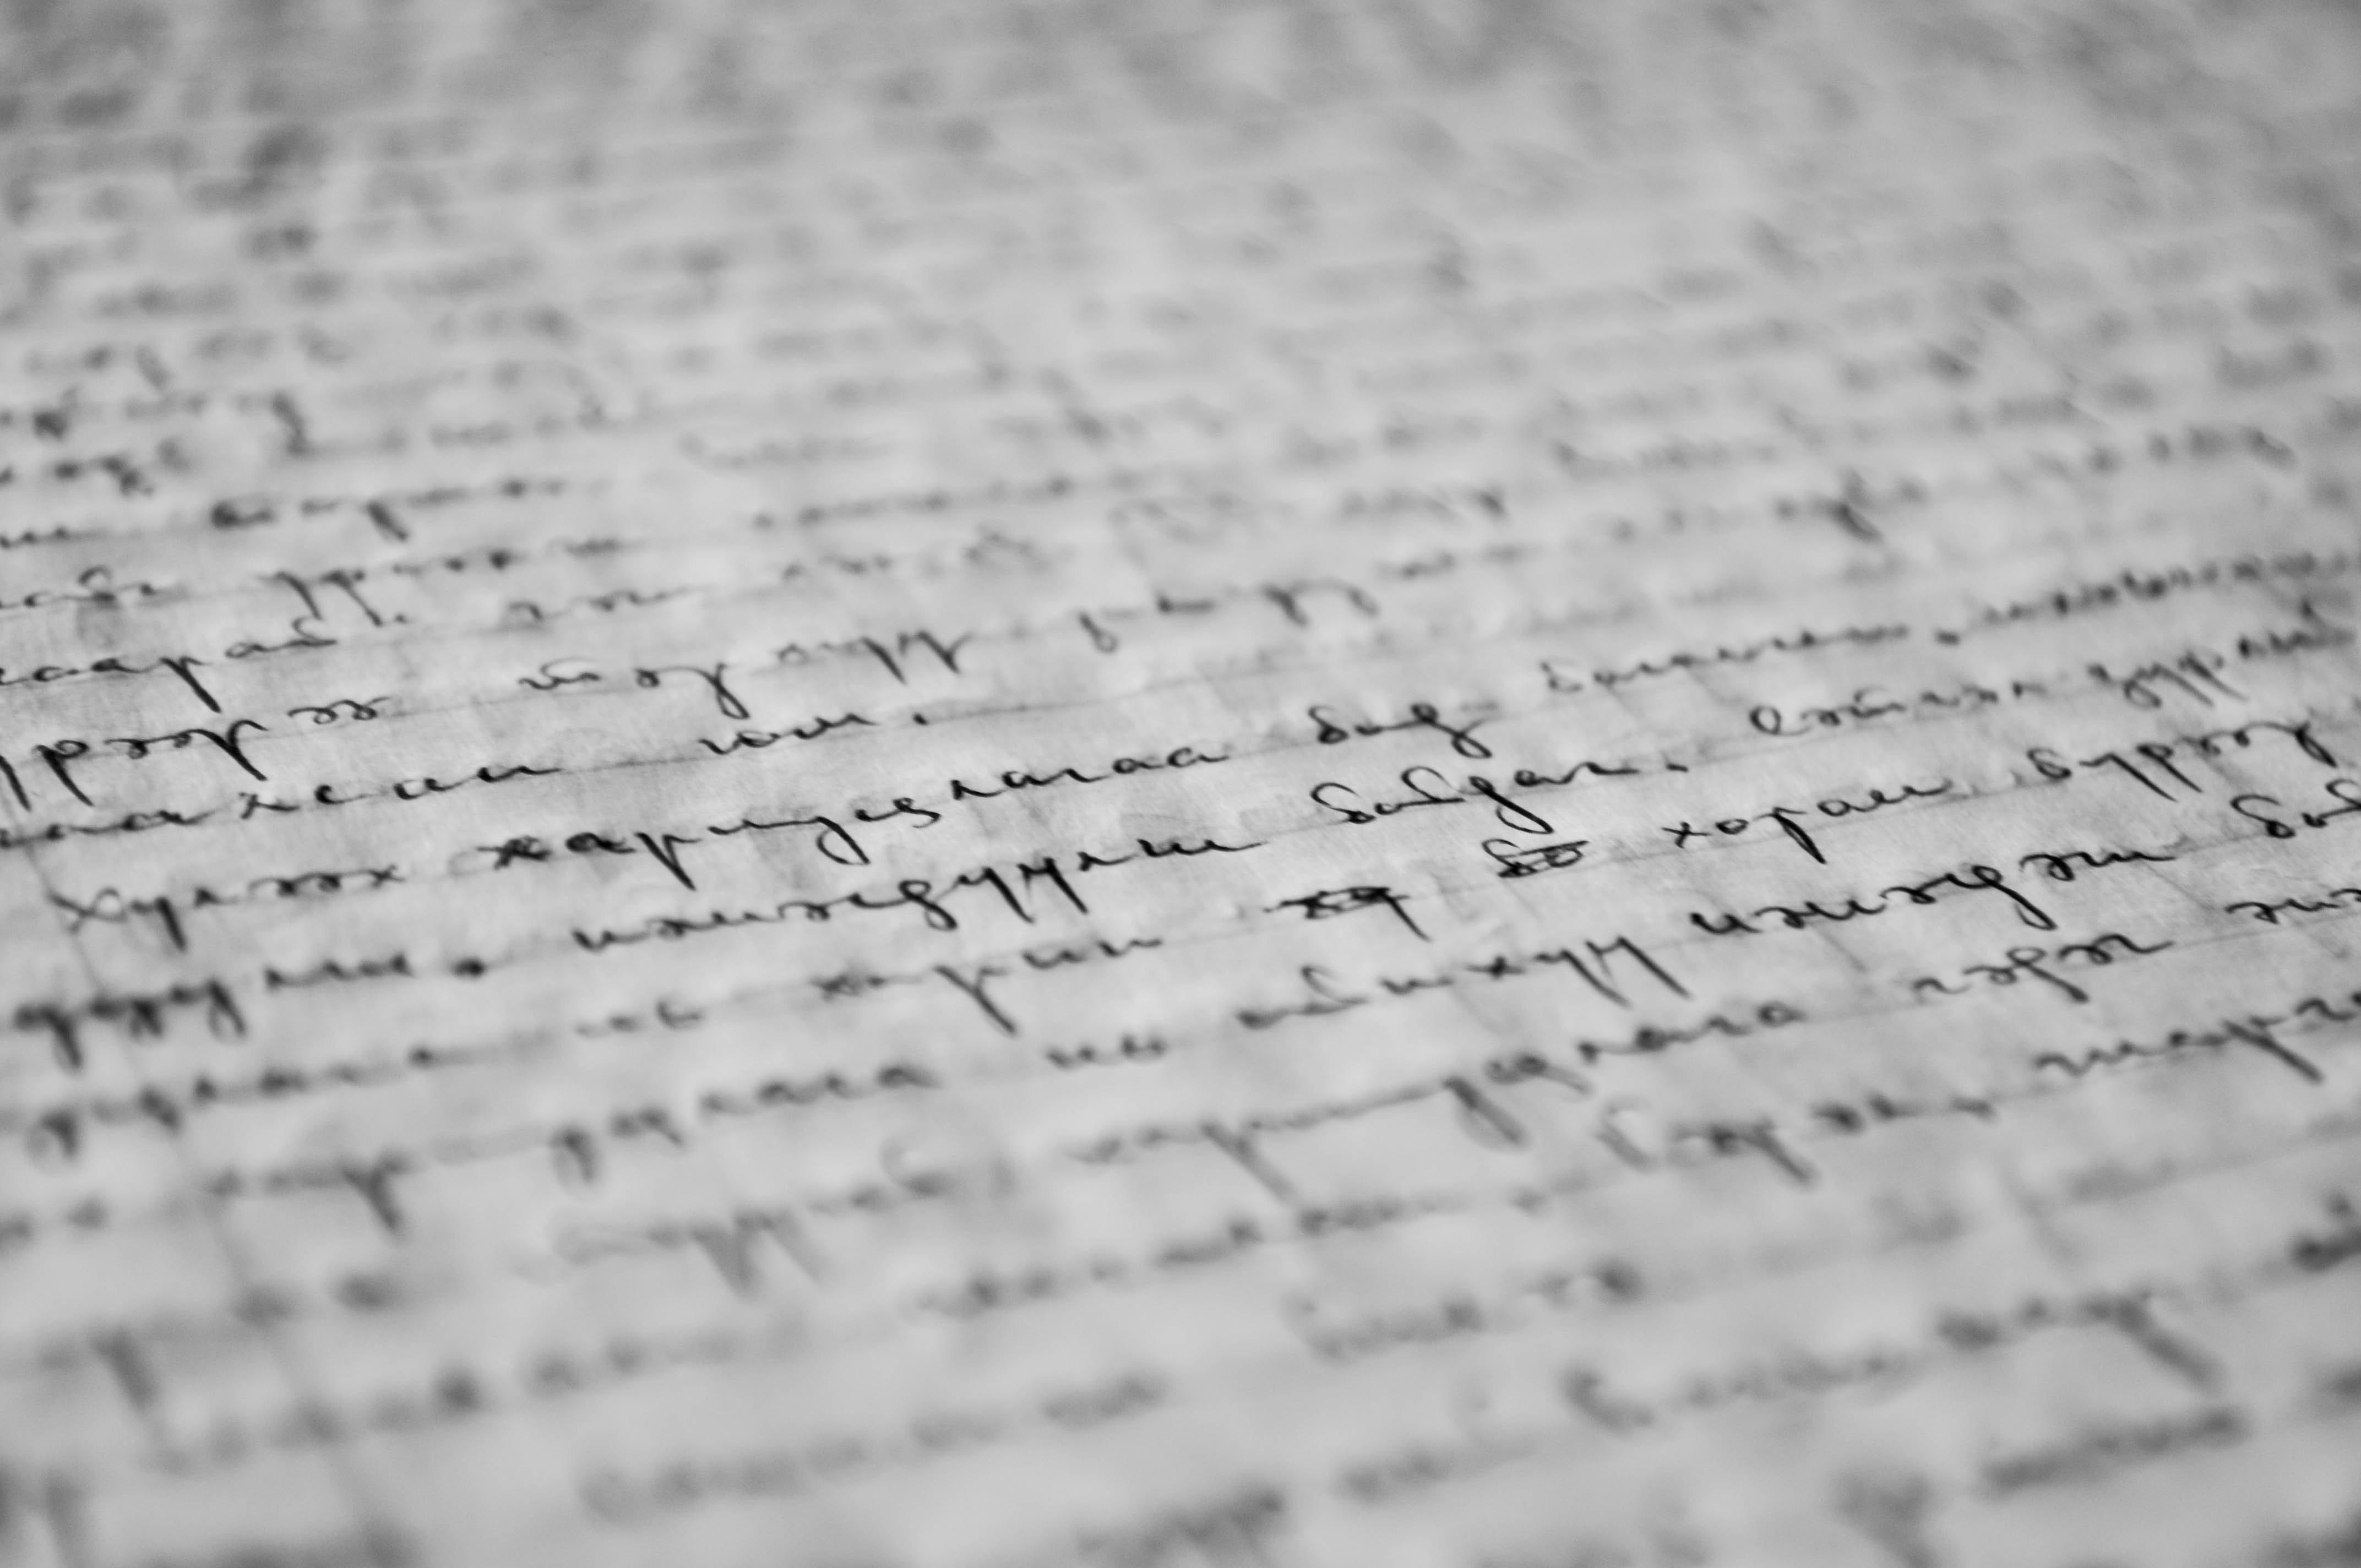 Самые частые ошибки в дизайне текстовых материалов